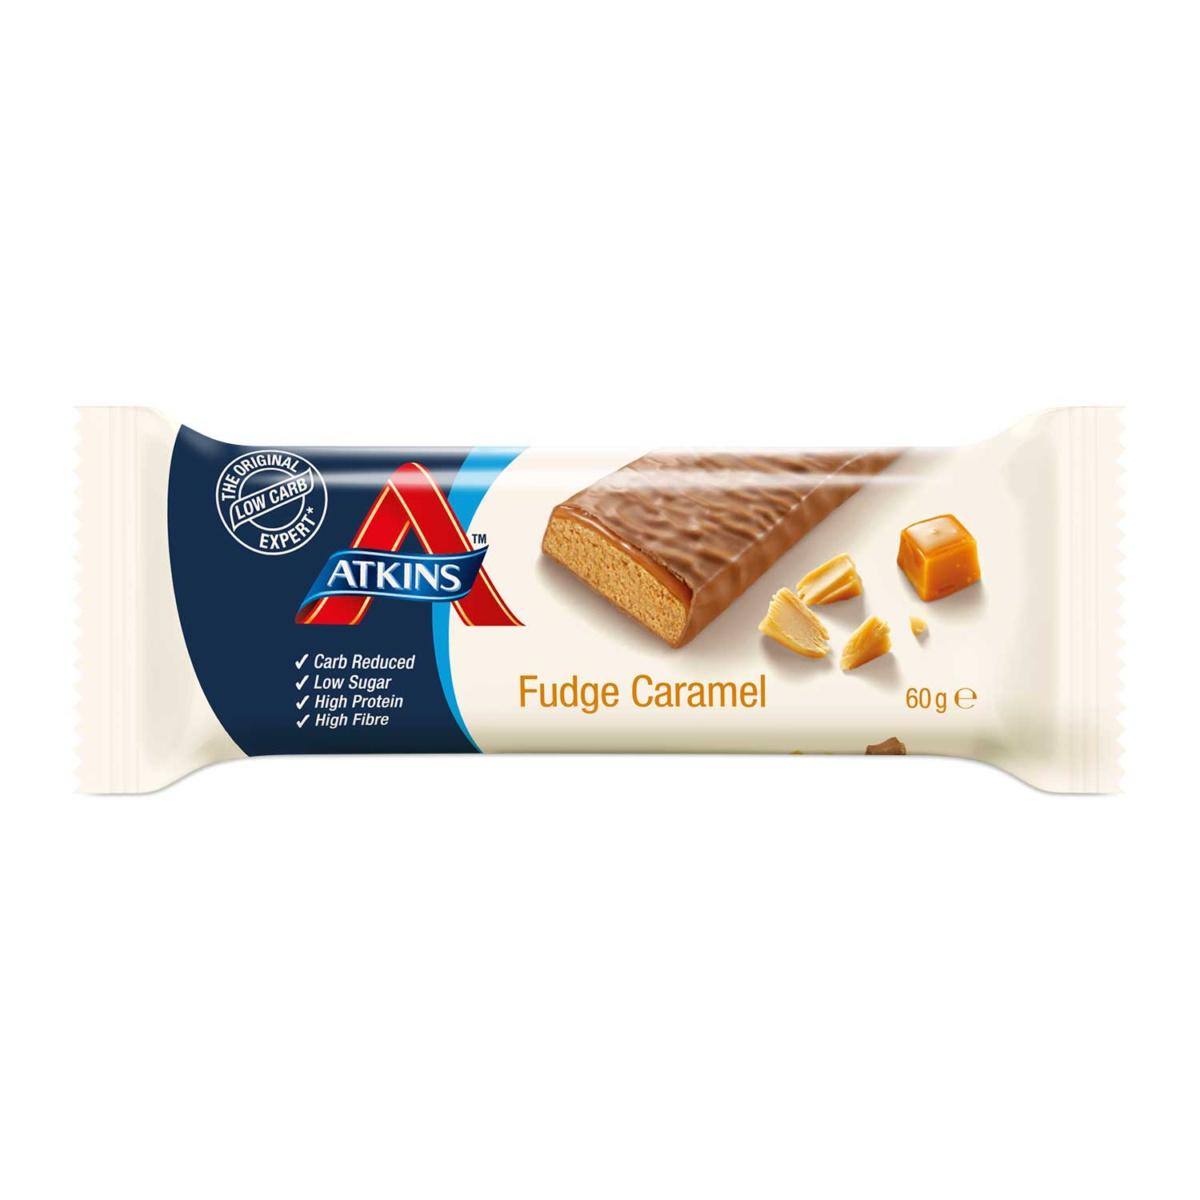 Atkins-Fudge-Caramel-ny